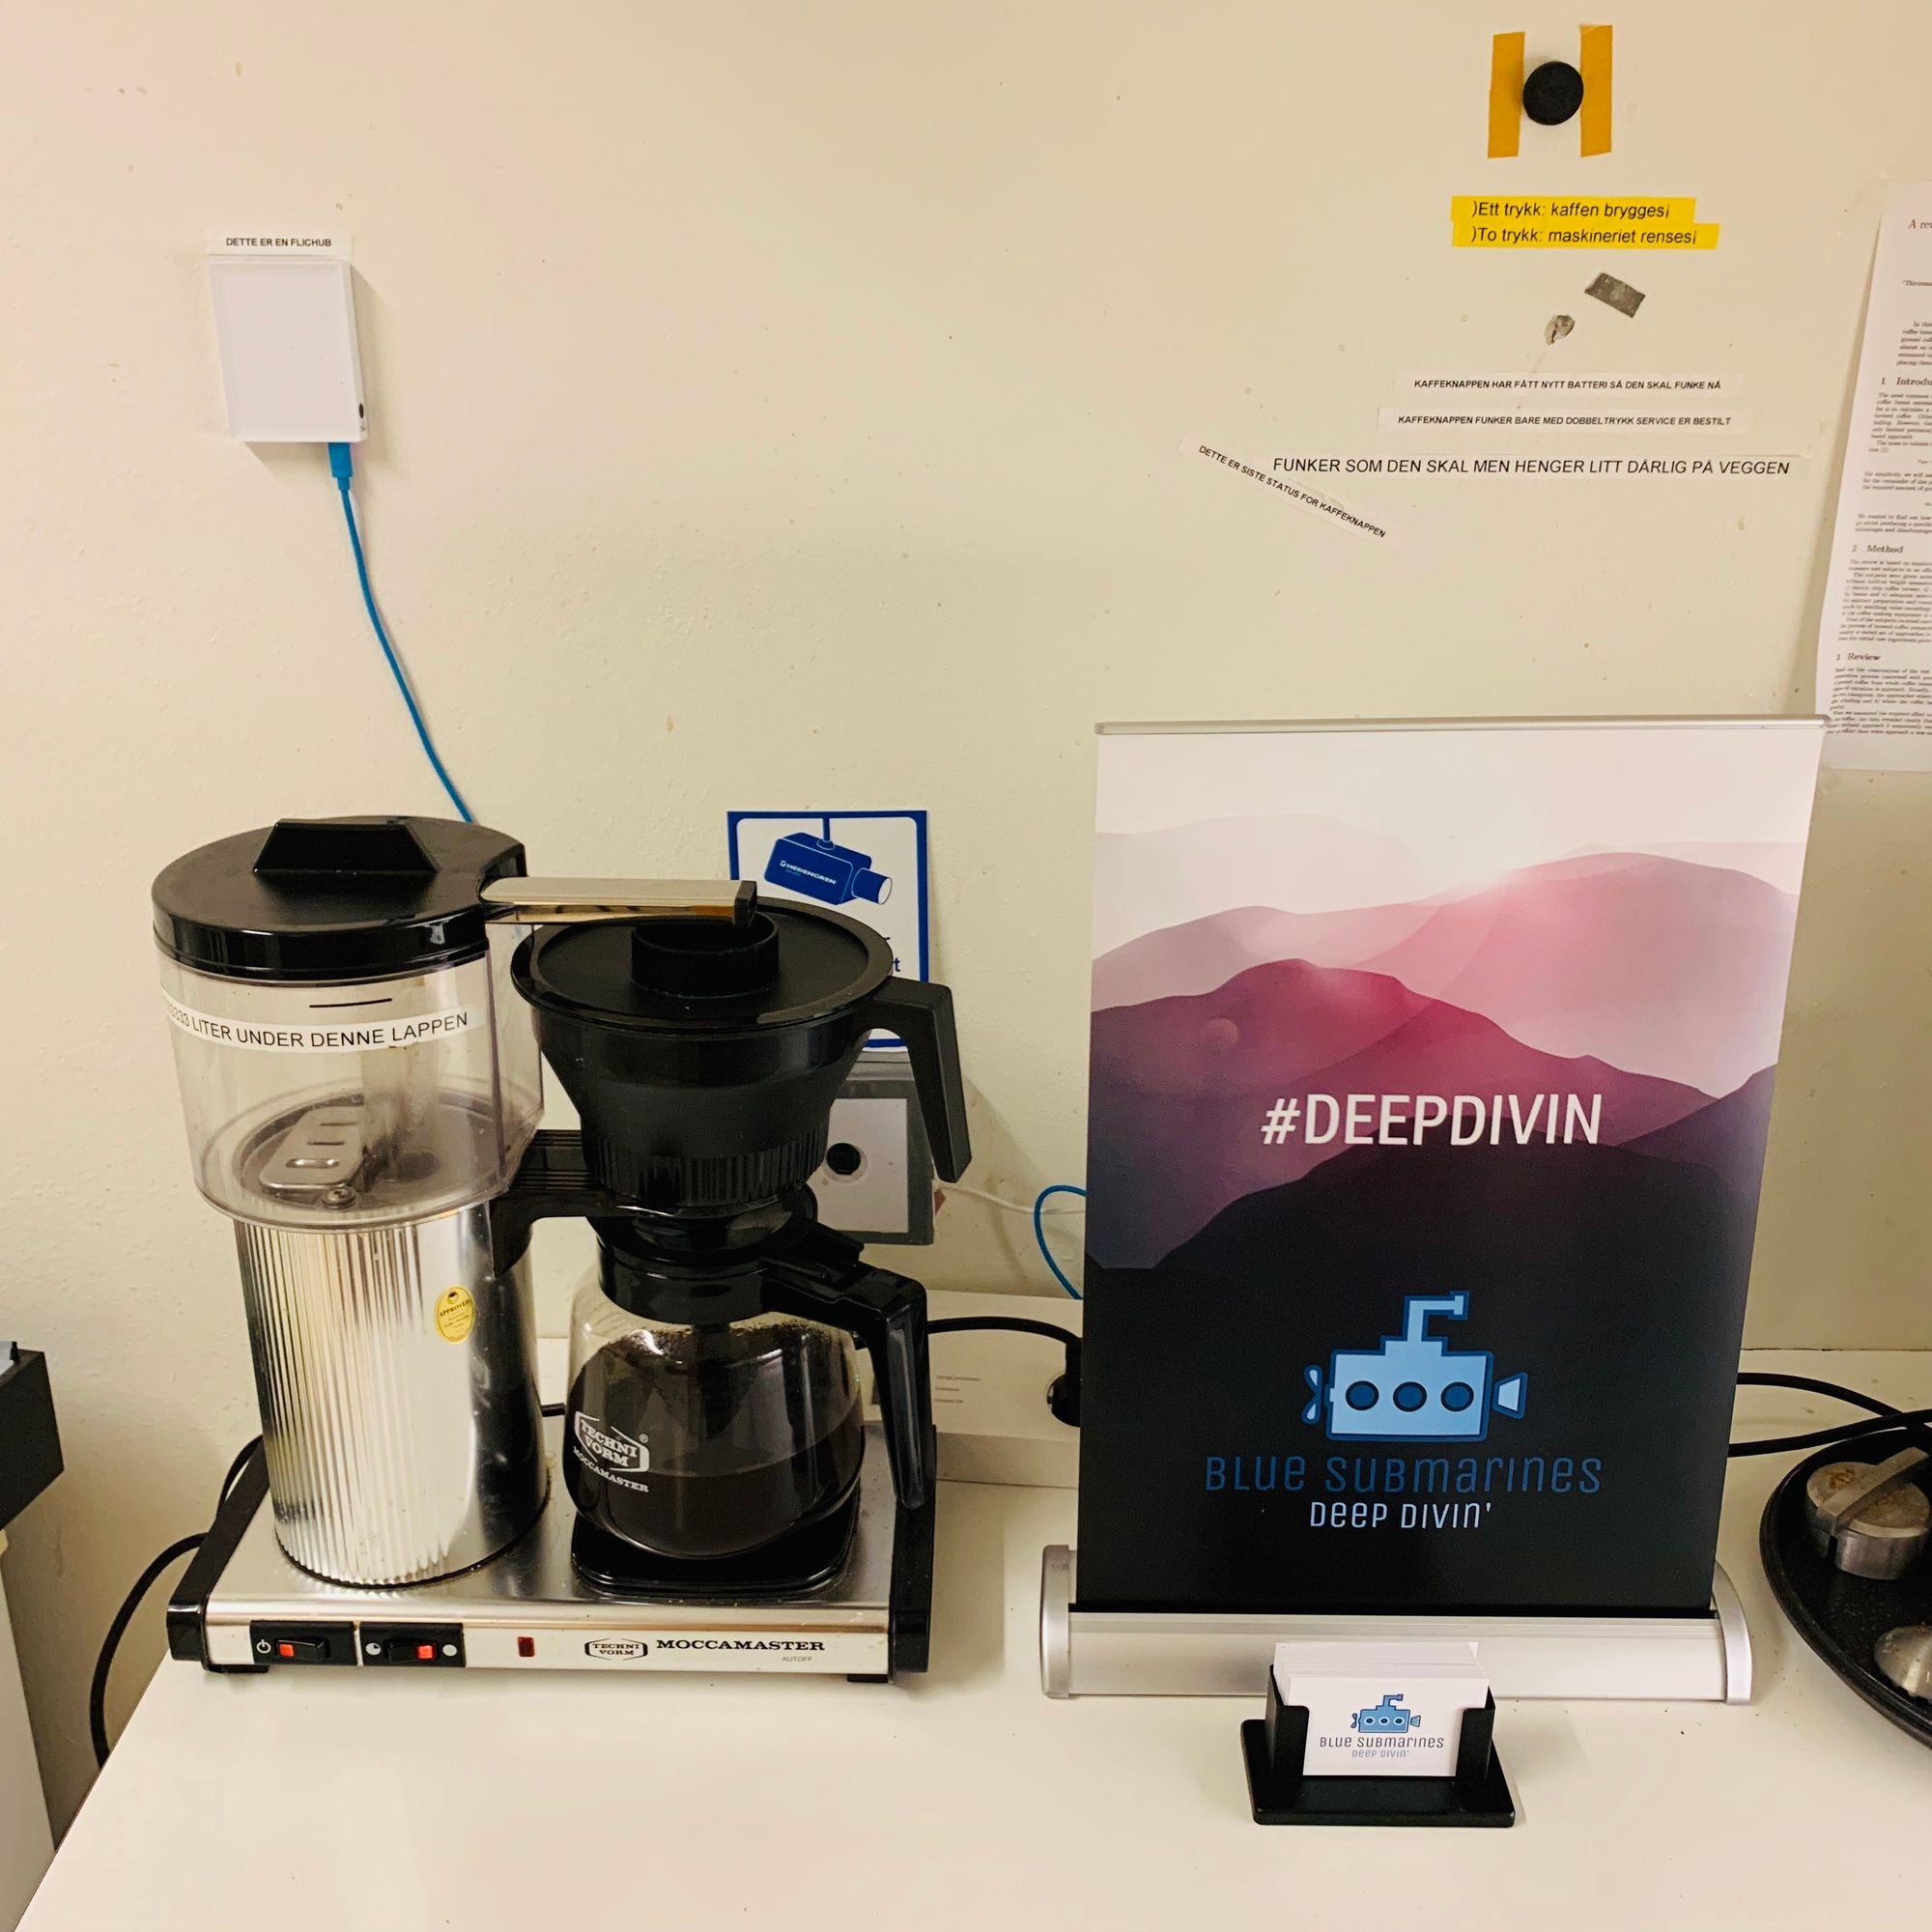 Fotografi av kjøkkenbenk med kaffetrakter og en roll-up det står deepdivin på